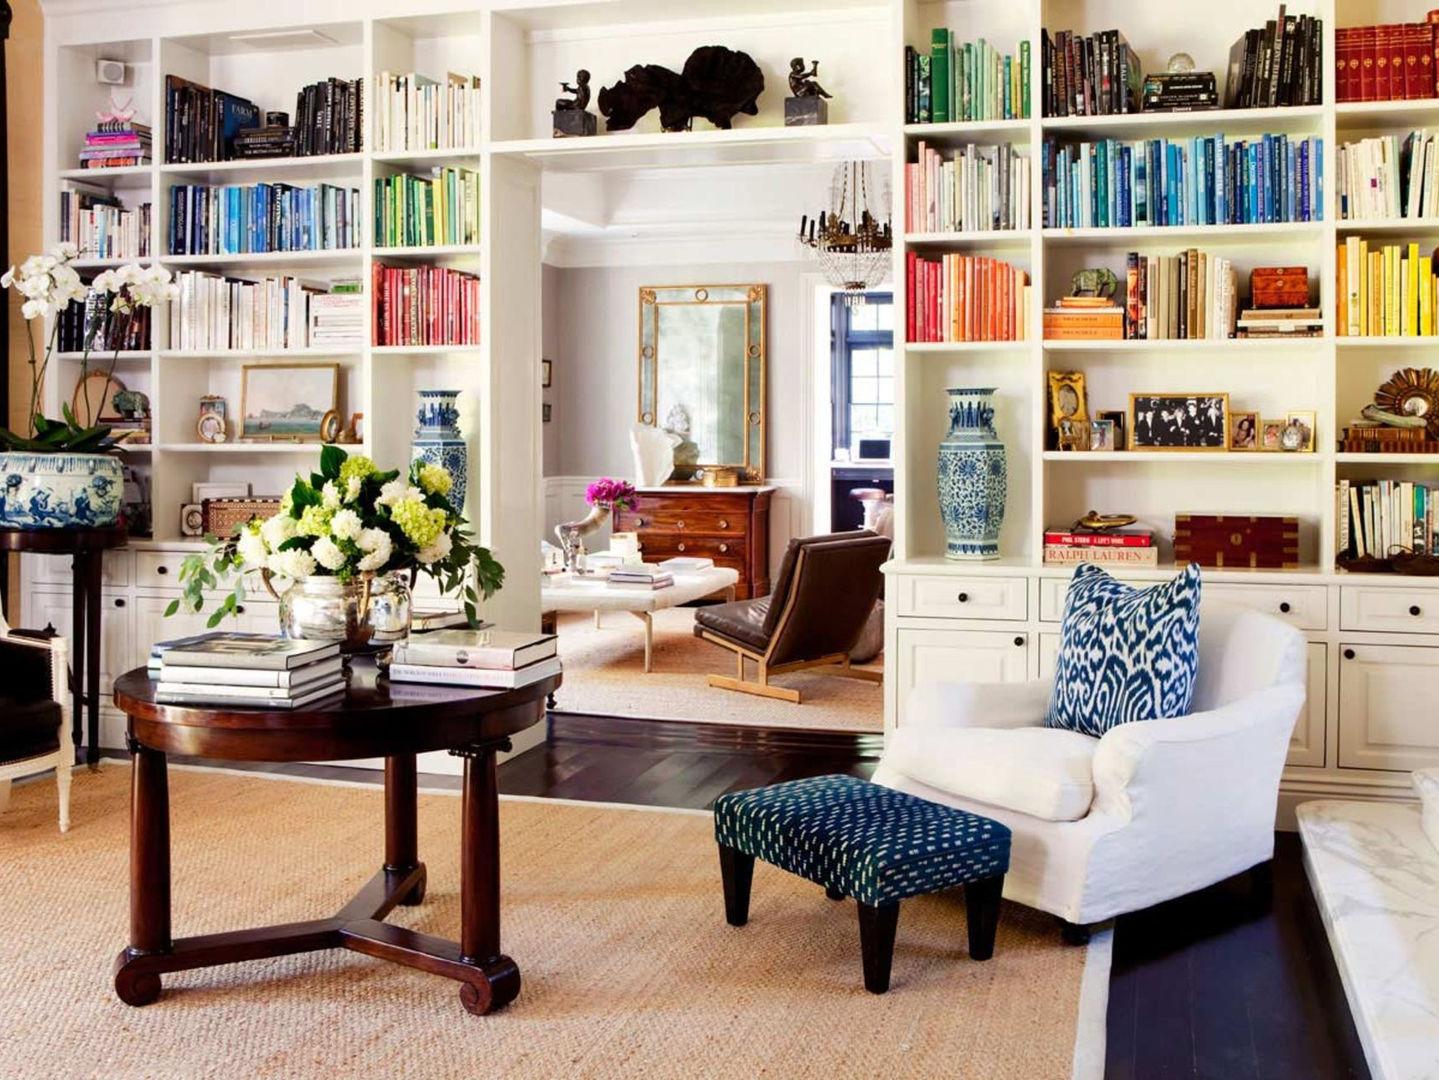 Книги идеально вписываются в интерьер проходной комнаты